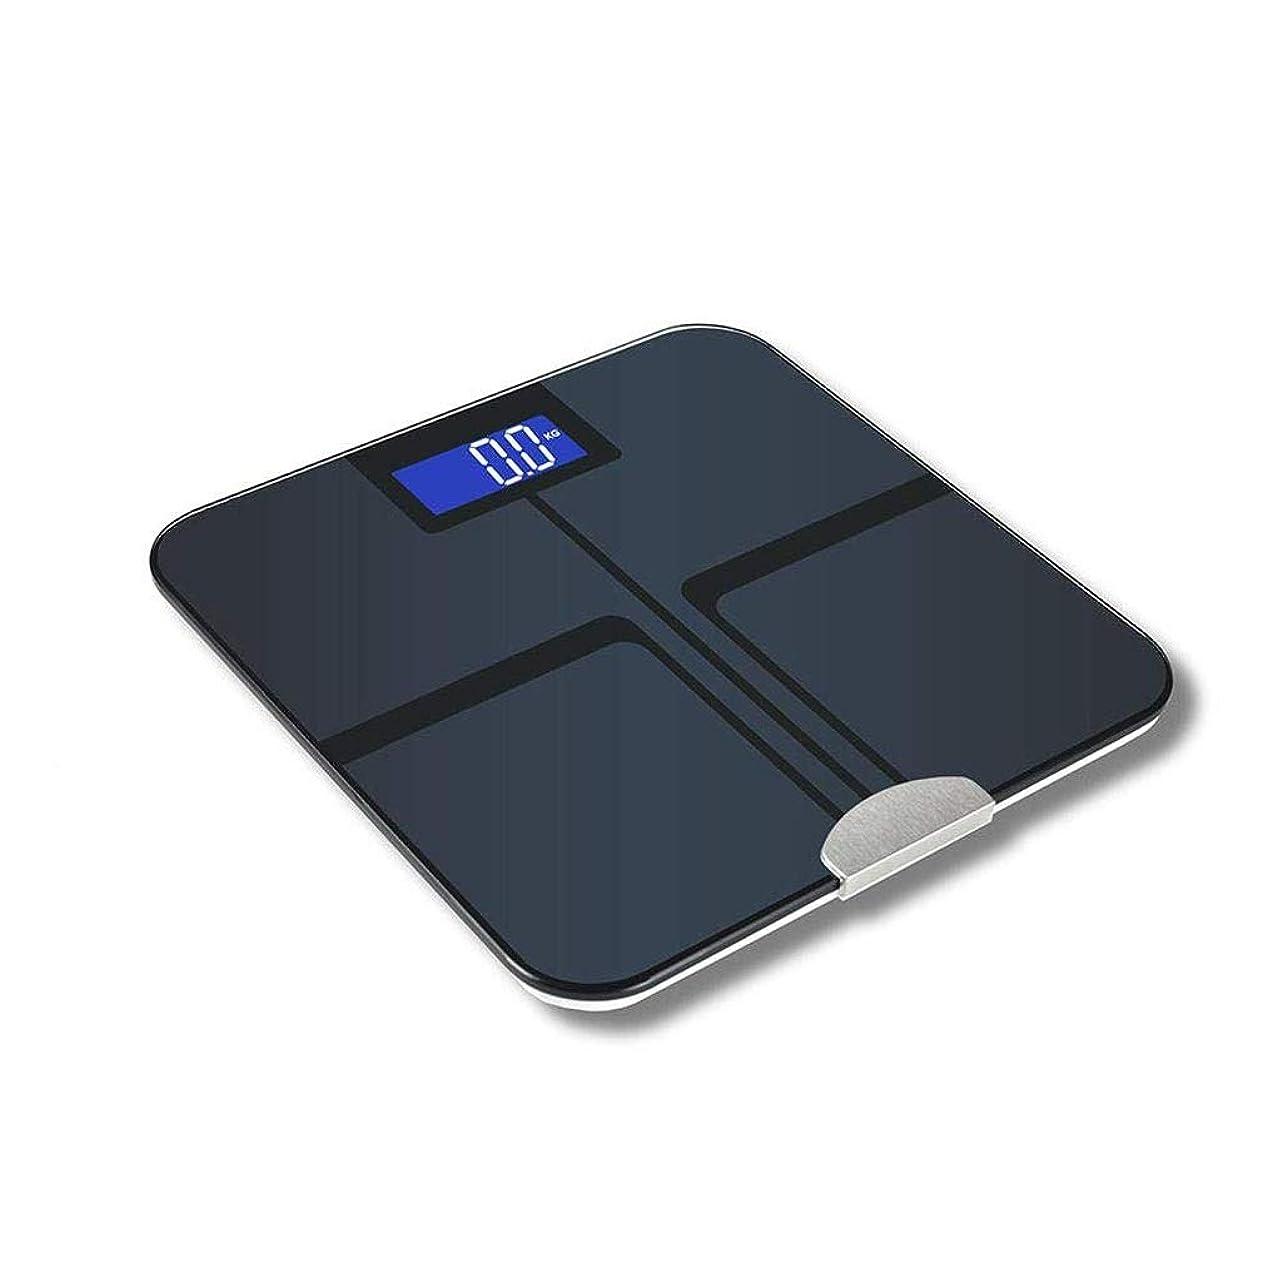 岸パックカリキュラムデジタル多機能体脂肪計、家族の電子体重計健康体組成計ブルートゥース体脂肪計スマートbmi浴室ワイヤレス体重計